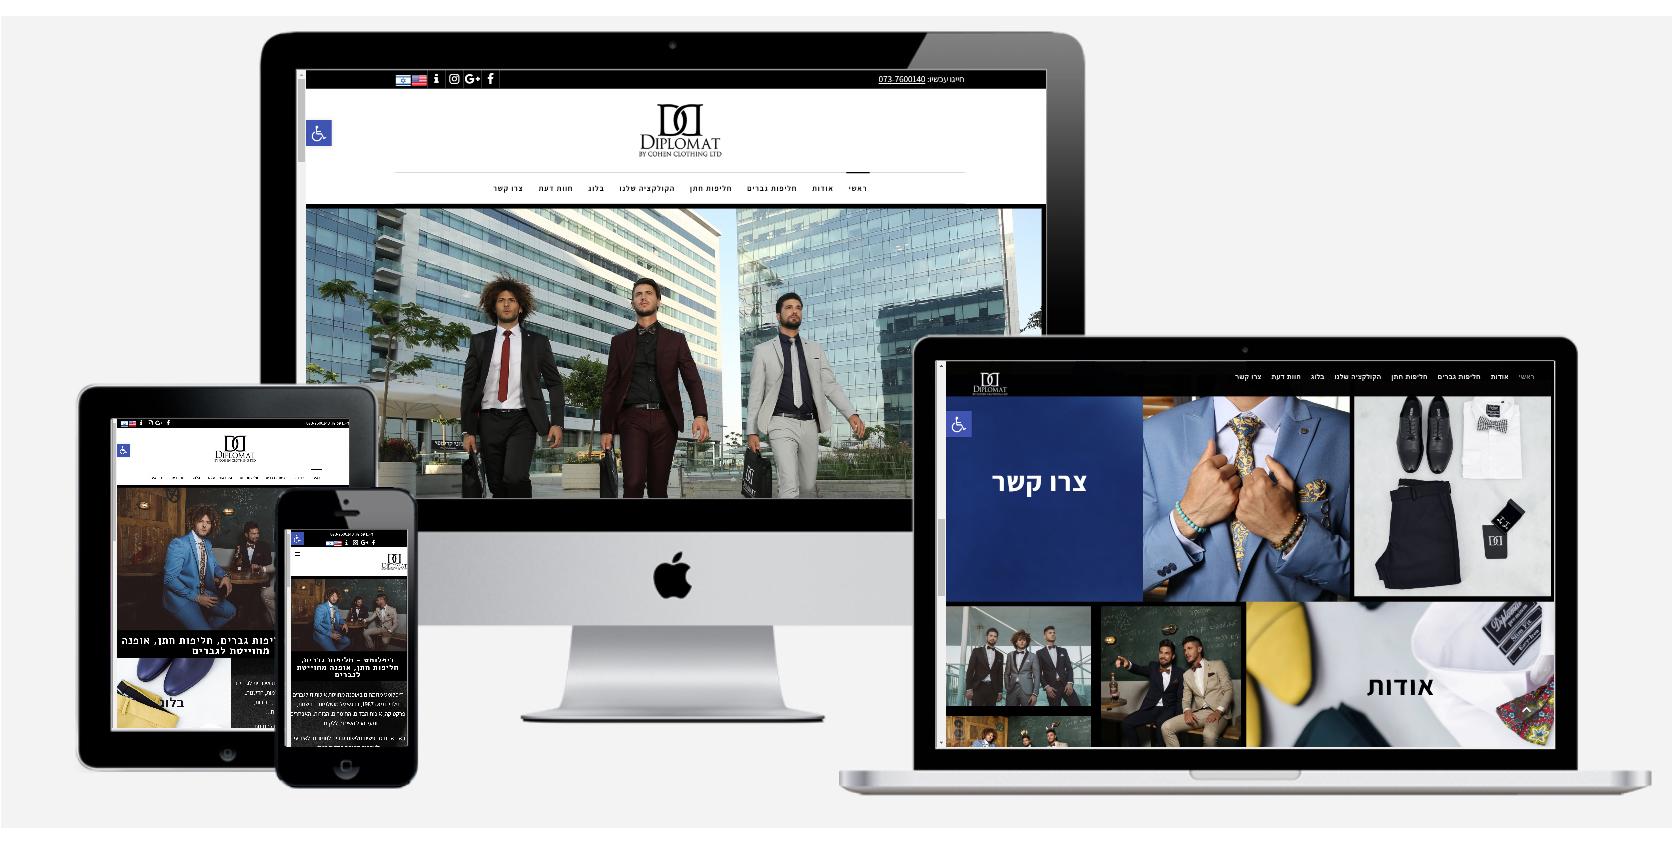 בניית אתר לרשת חנויות חליפות לגברים